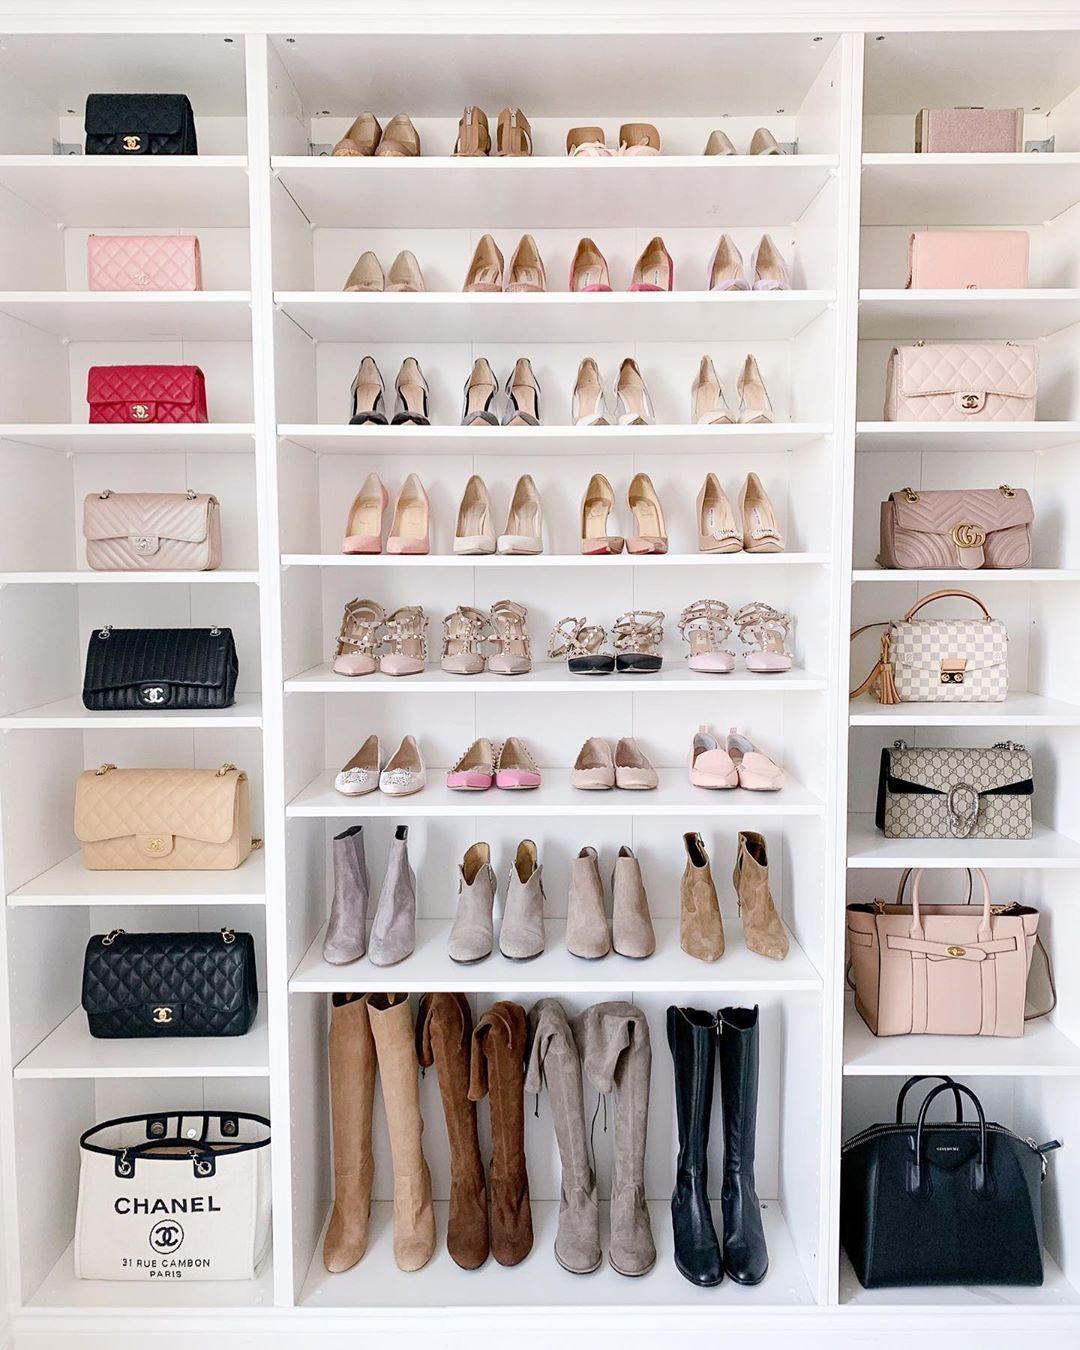 Die Perfekte Taschengarderobe In 2020 Closet Designs Walk In Closet Design Dream Closet Design